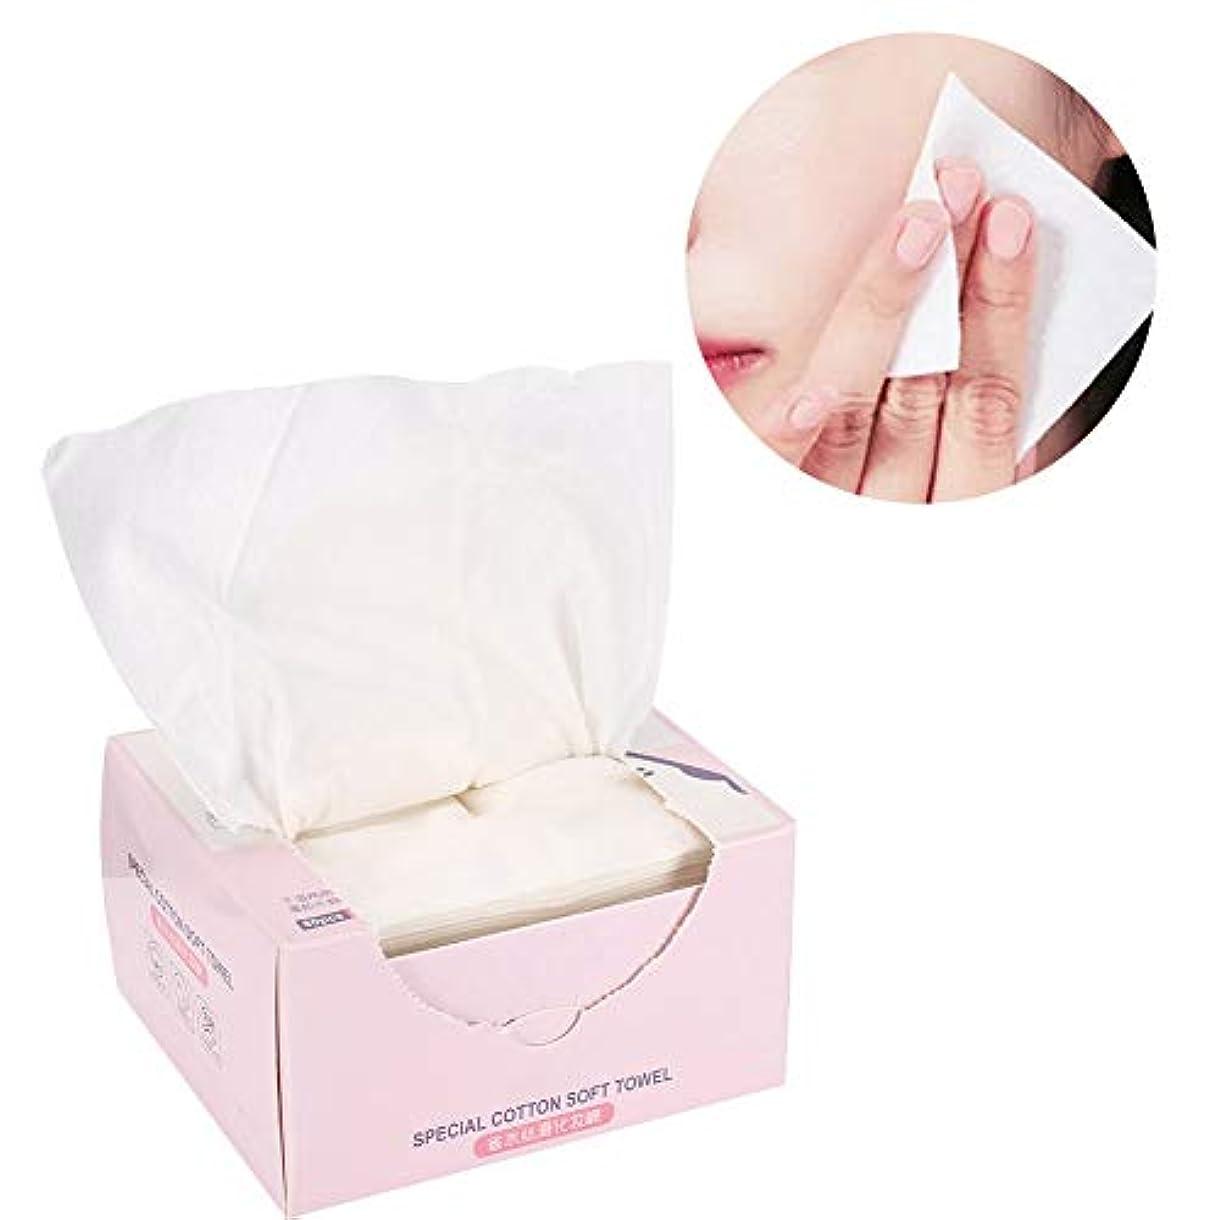 難しい待つ冷酷な80枚入り 節水 綿パッド 柔らかい 滑らか 不織布 メイク落とし コットンパッド 化粧品ツール スキンケア クリーニング